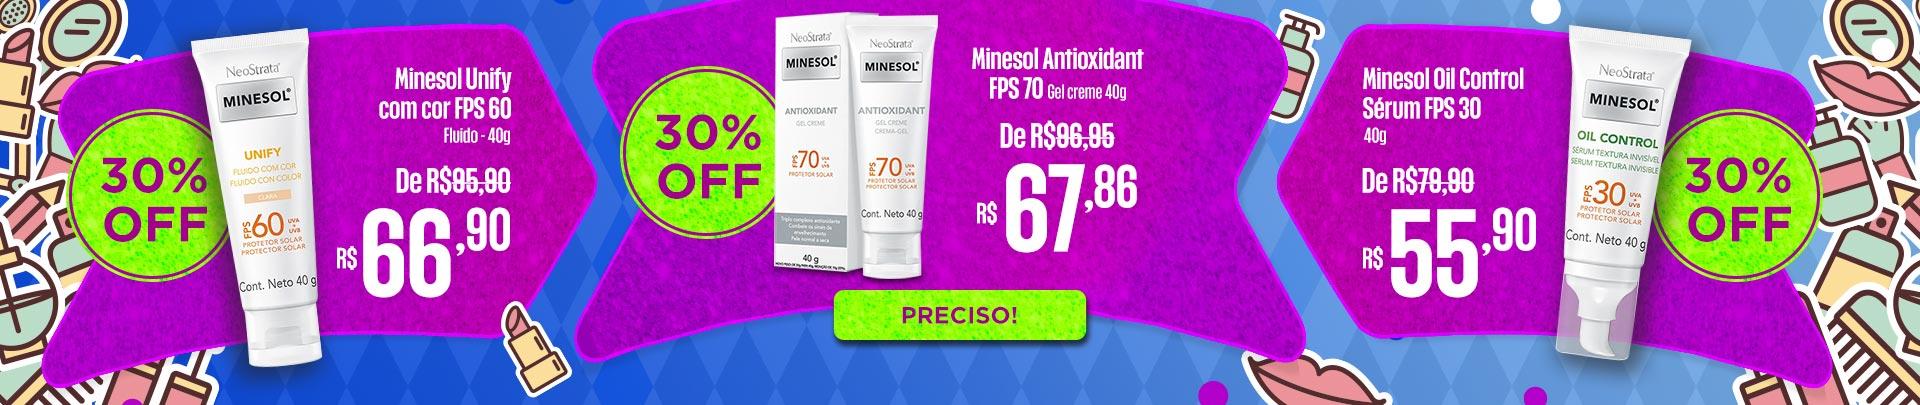 minessol